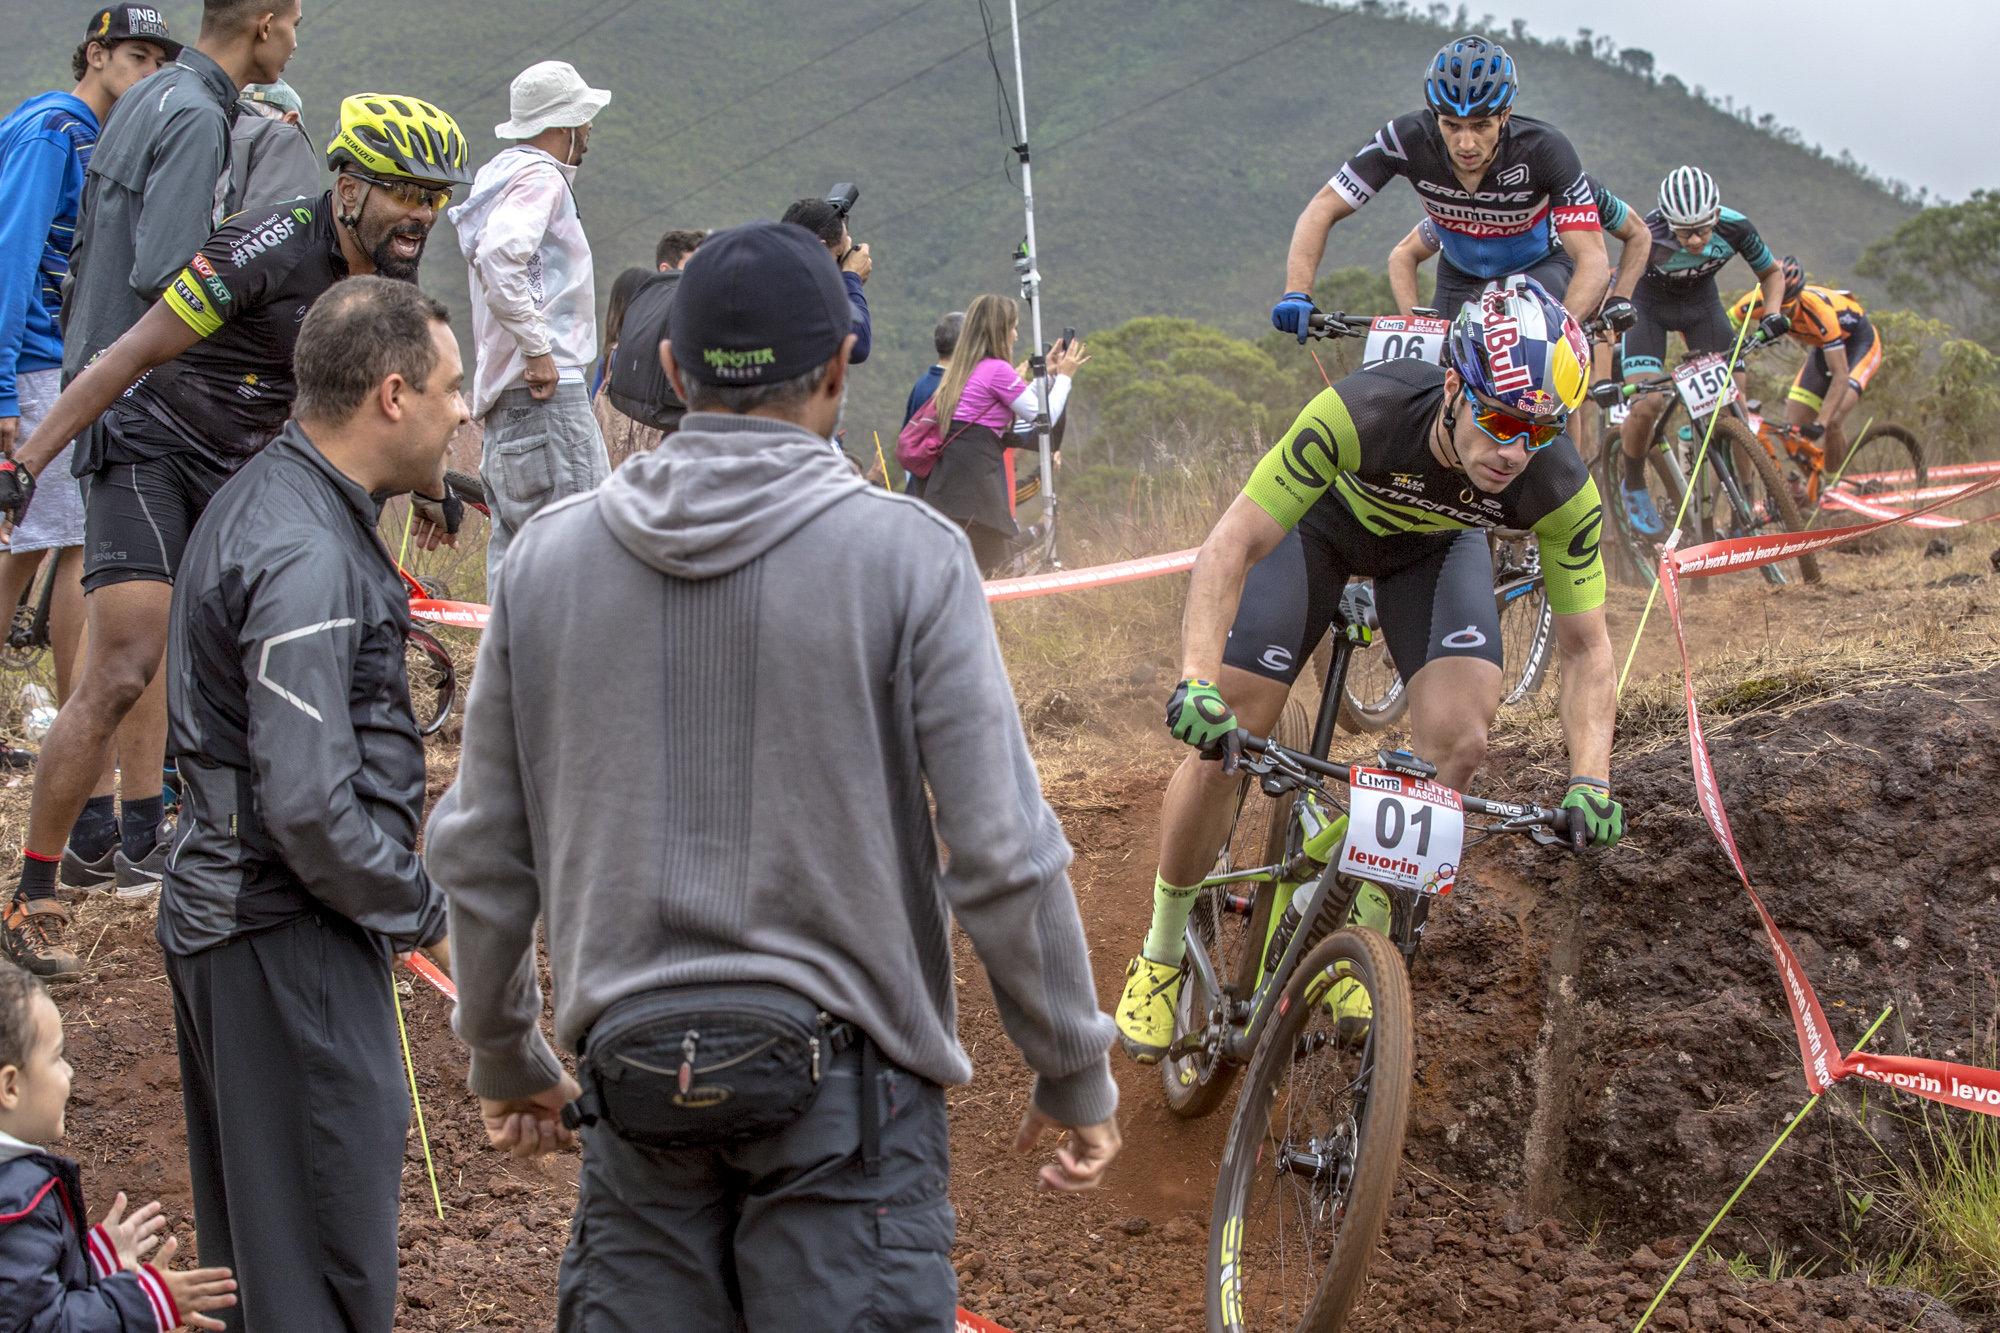 Letícia Cândido e Henrique Avancini lideram XCC e levam a melhor em Ouro Preto na CIMTB Levorin